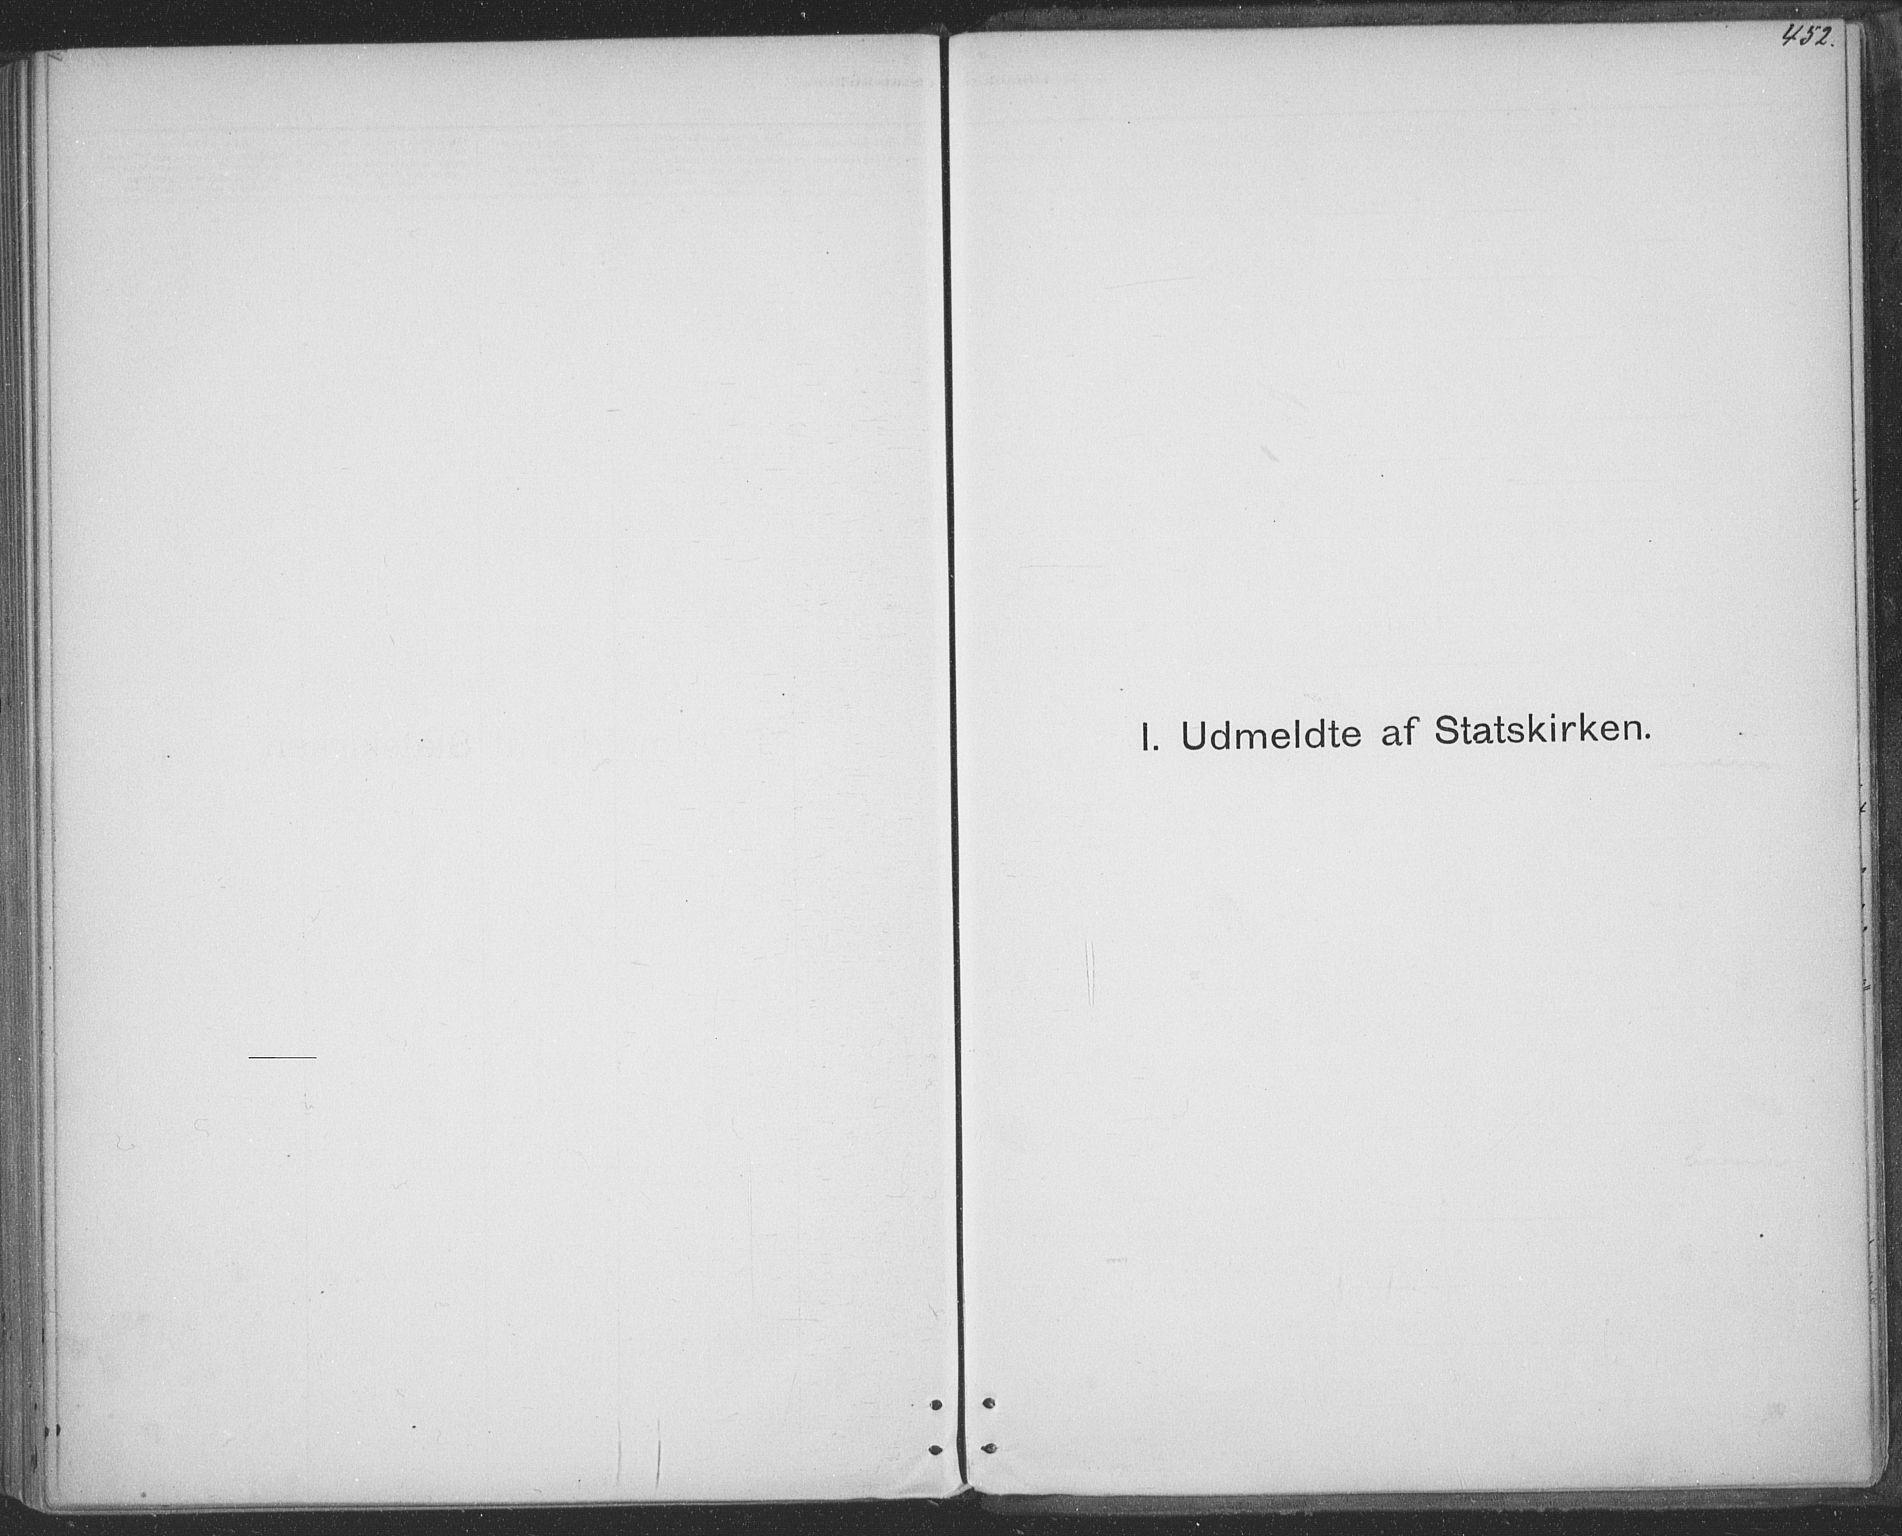 SAT, Ministerialprotokoller, klokkerbøker og fødselsregistre - Sør-Trøndelag, 691/L1085: Ministerialbok nr. 691A17, 1887-1908, s. 452